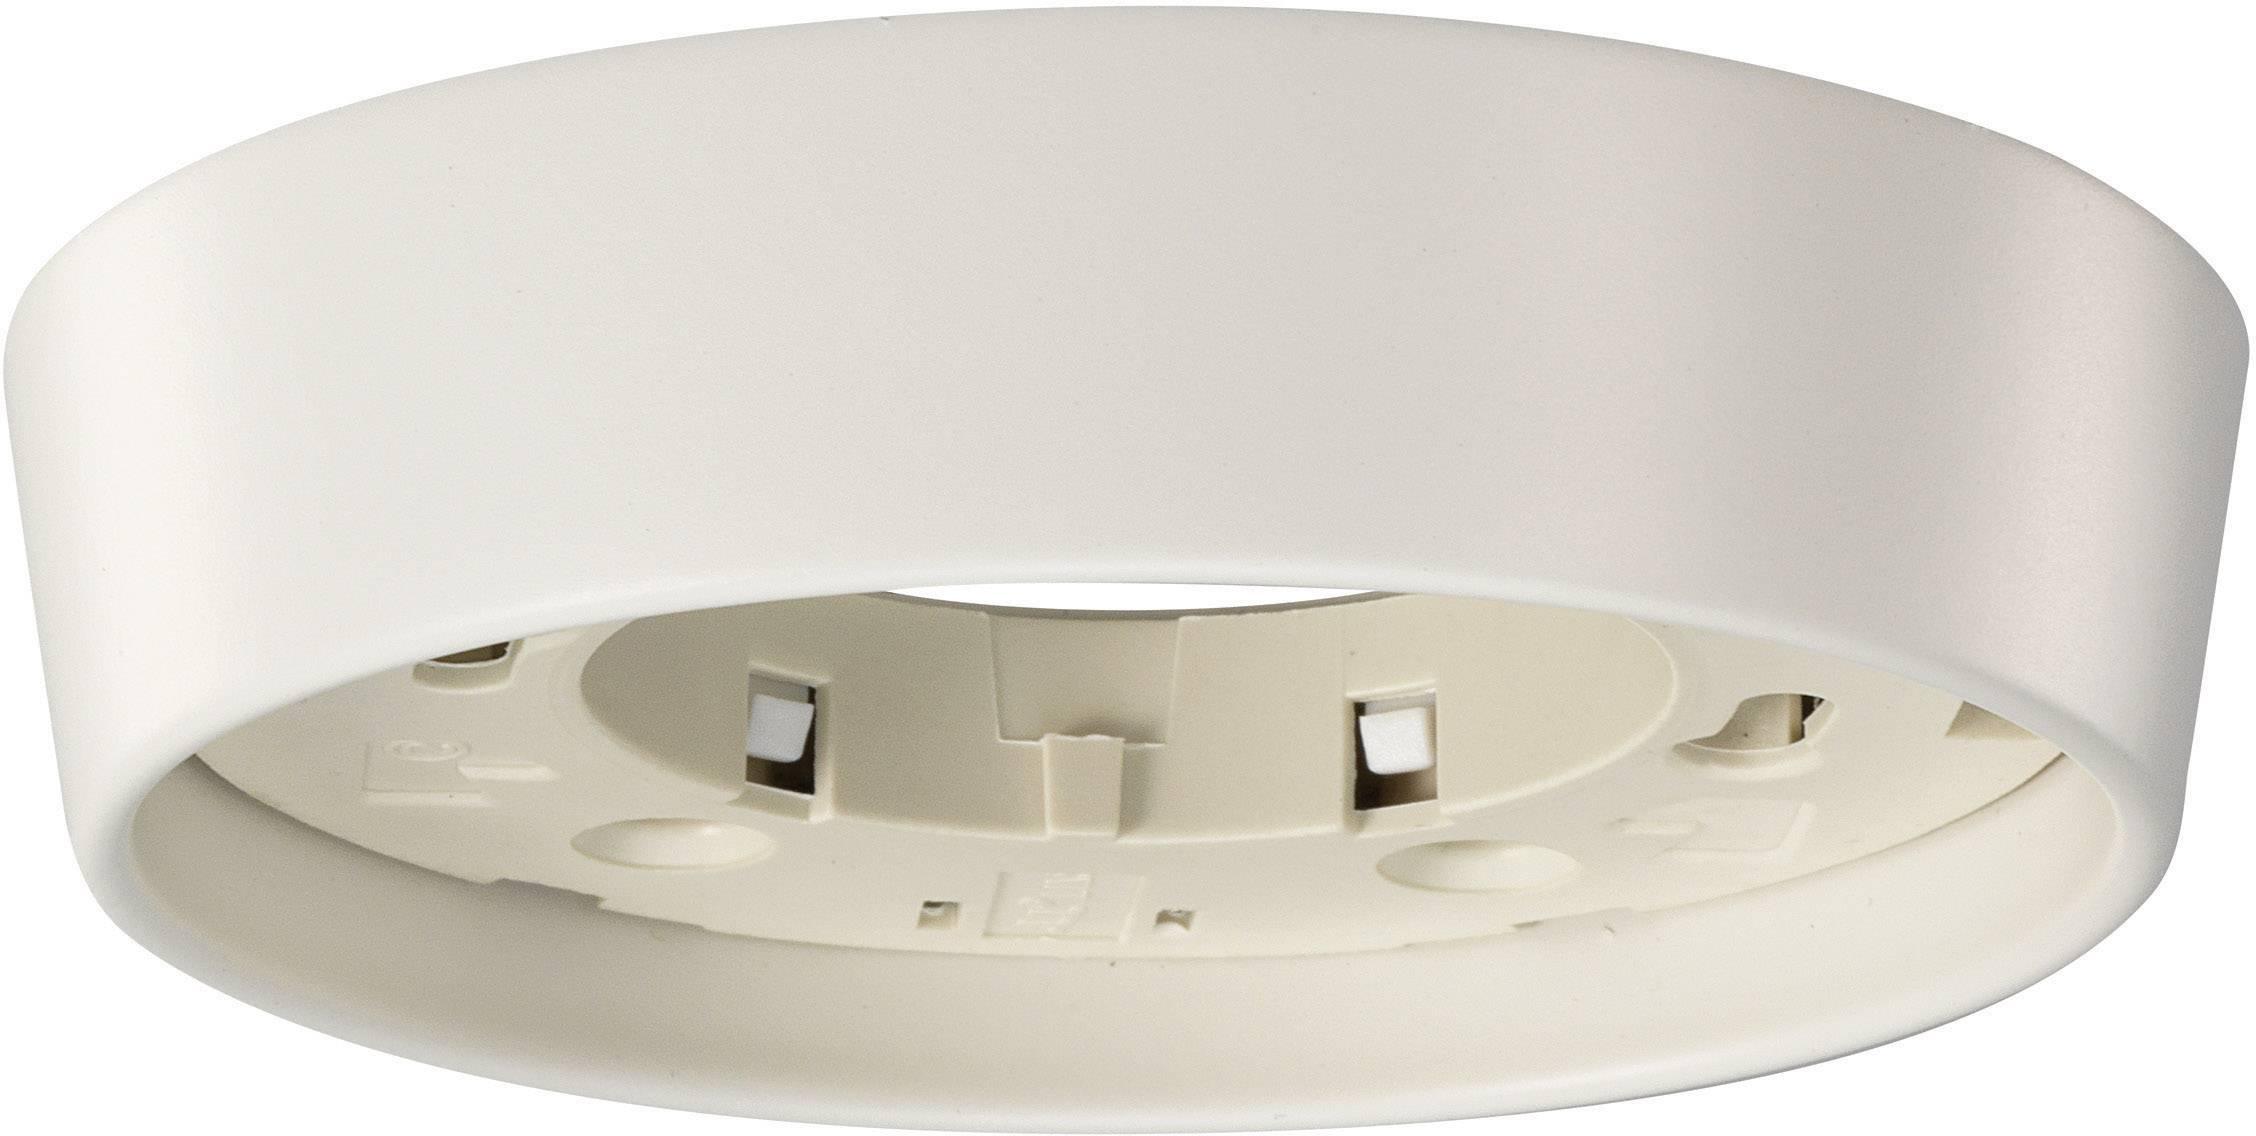 Nástěnné svítidlo, CT-3770, GX53, 13 W, bílá